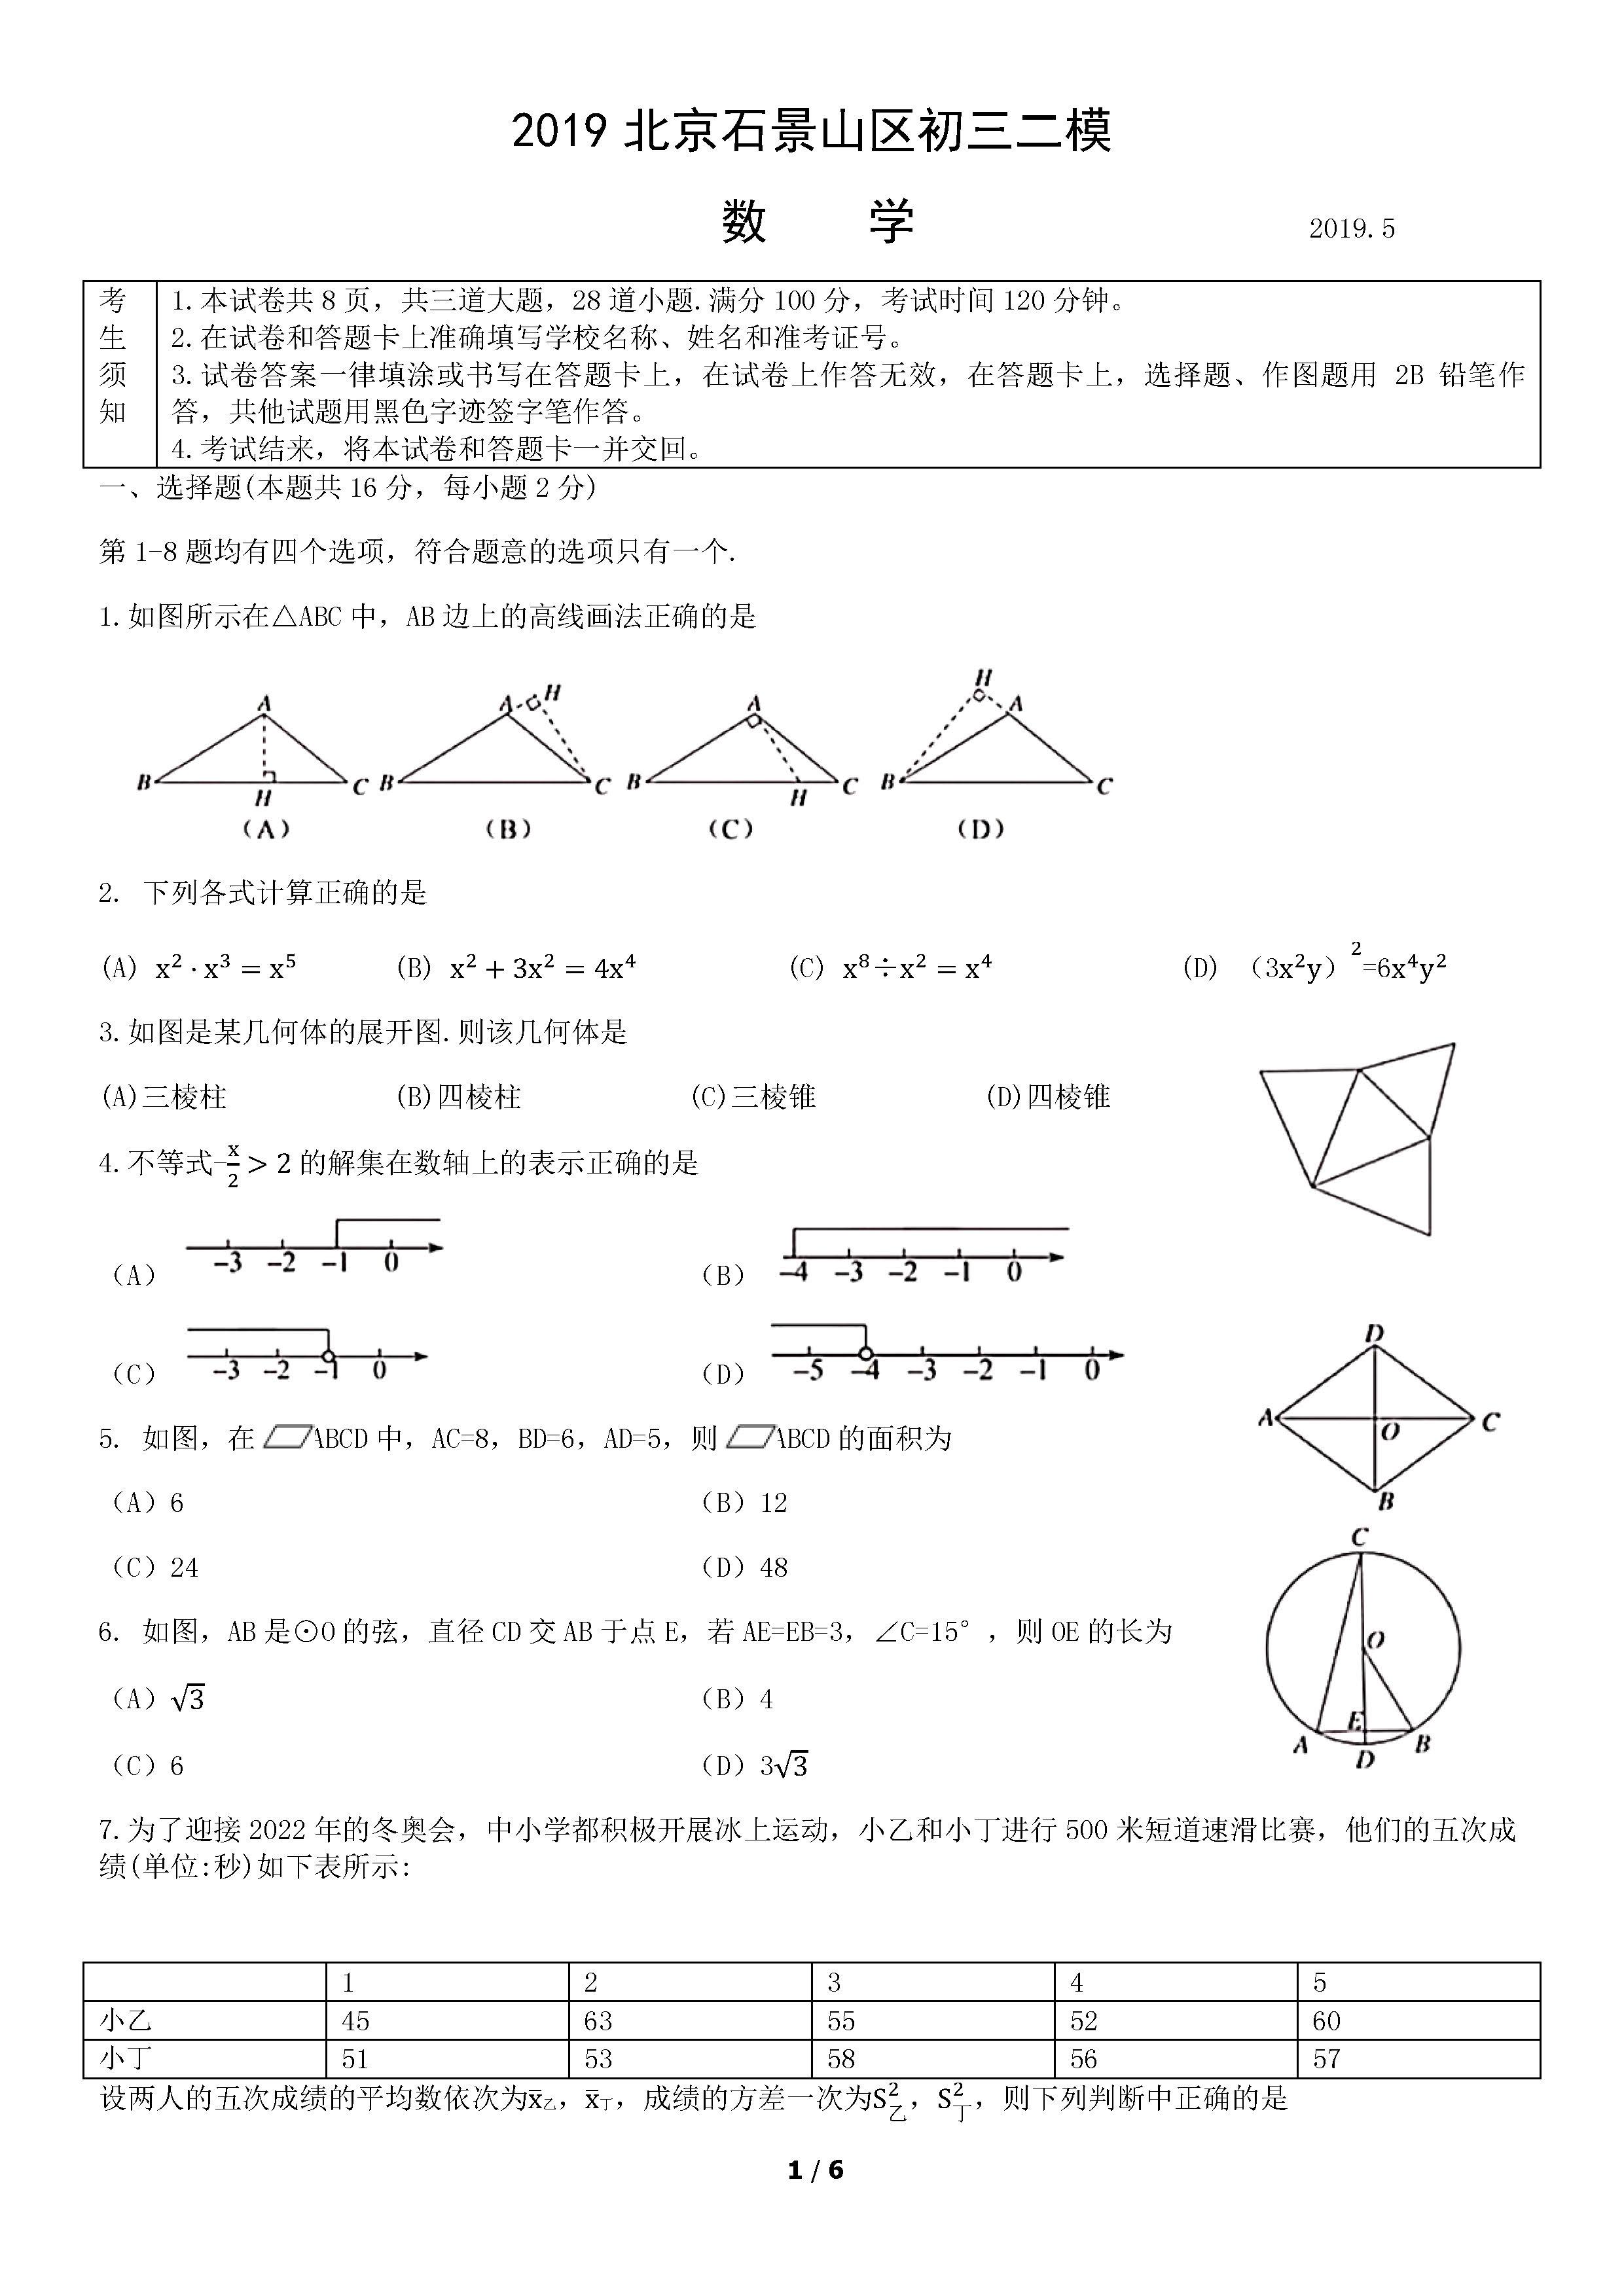 2019北京石景山中考二模数学试题及答案